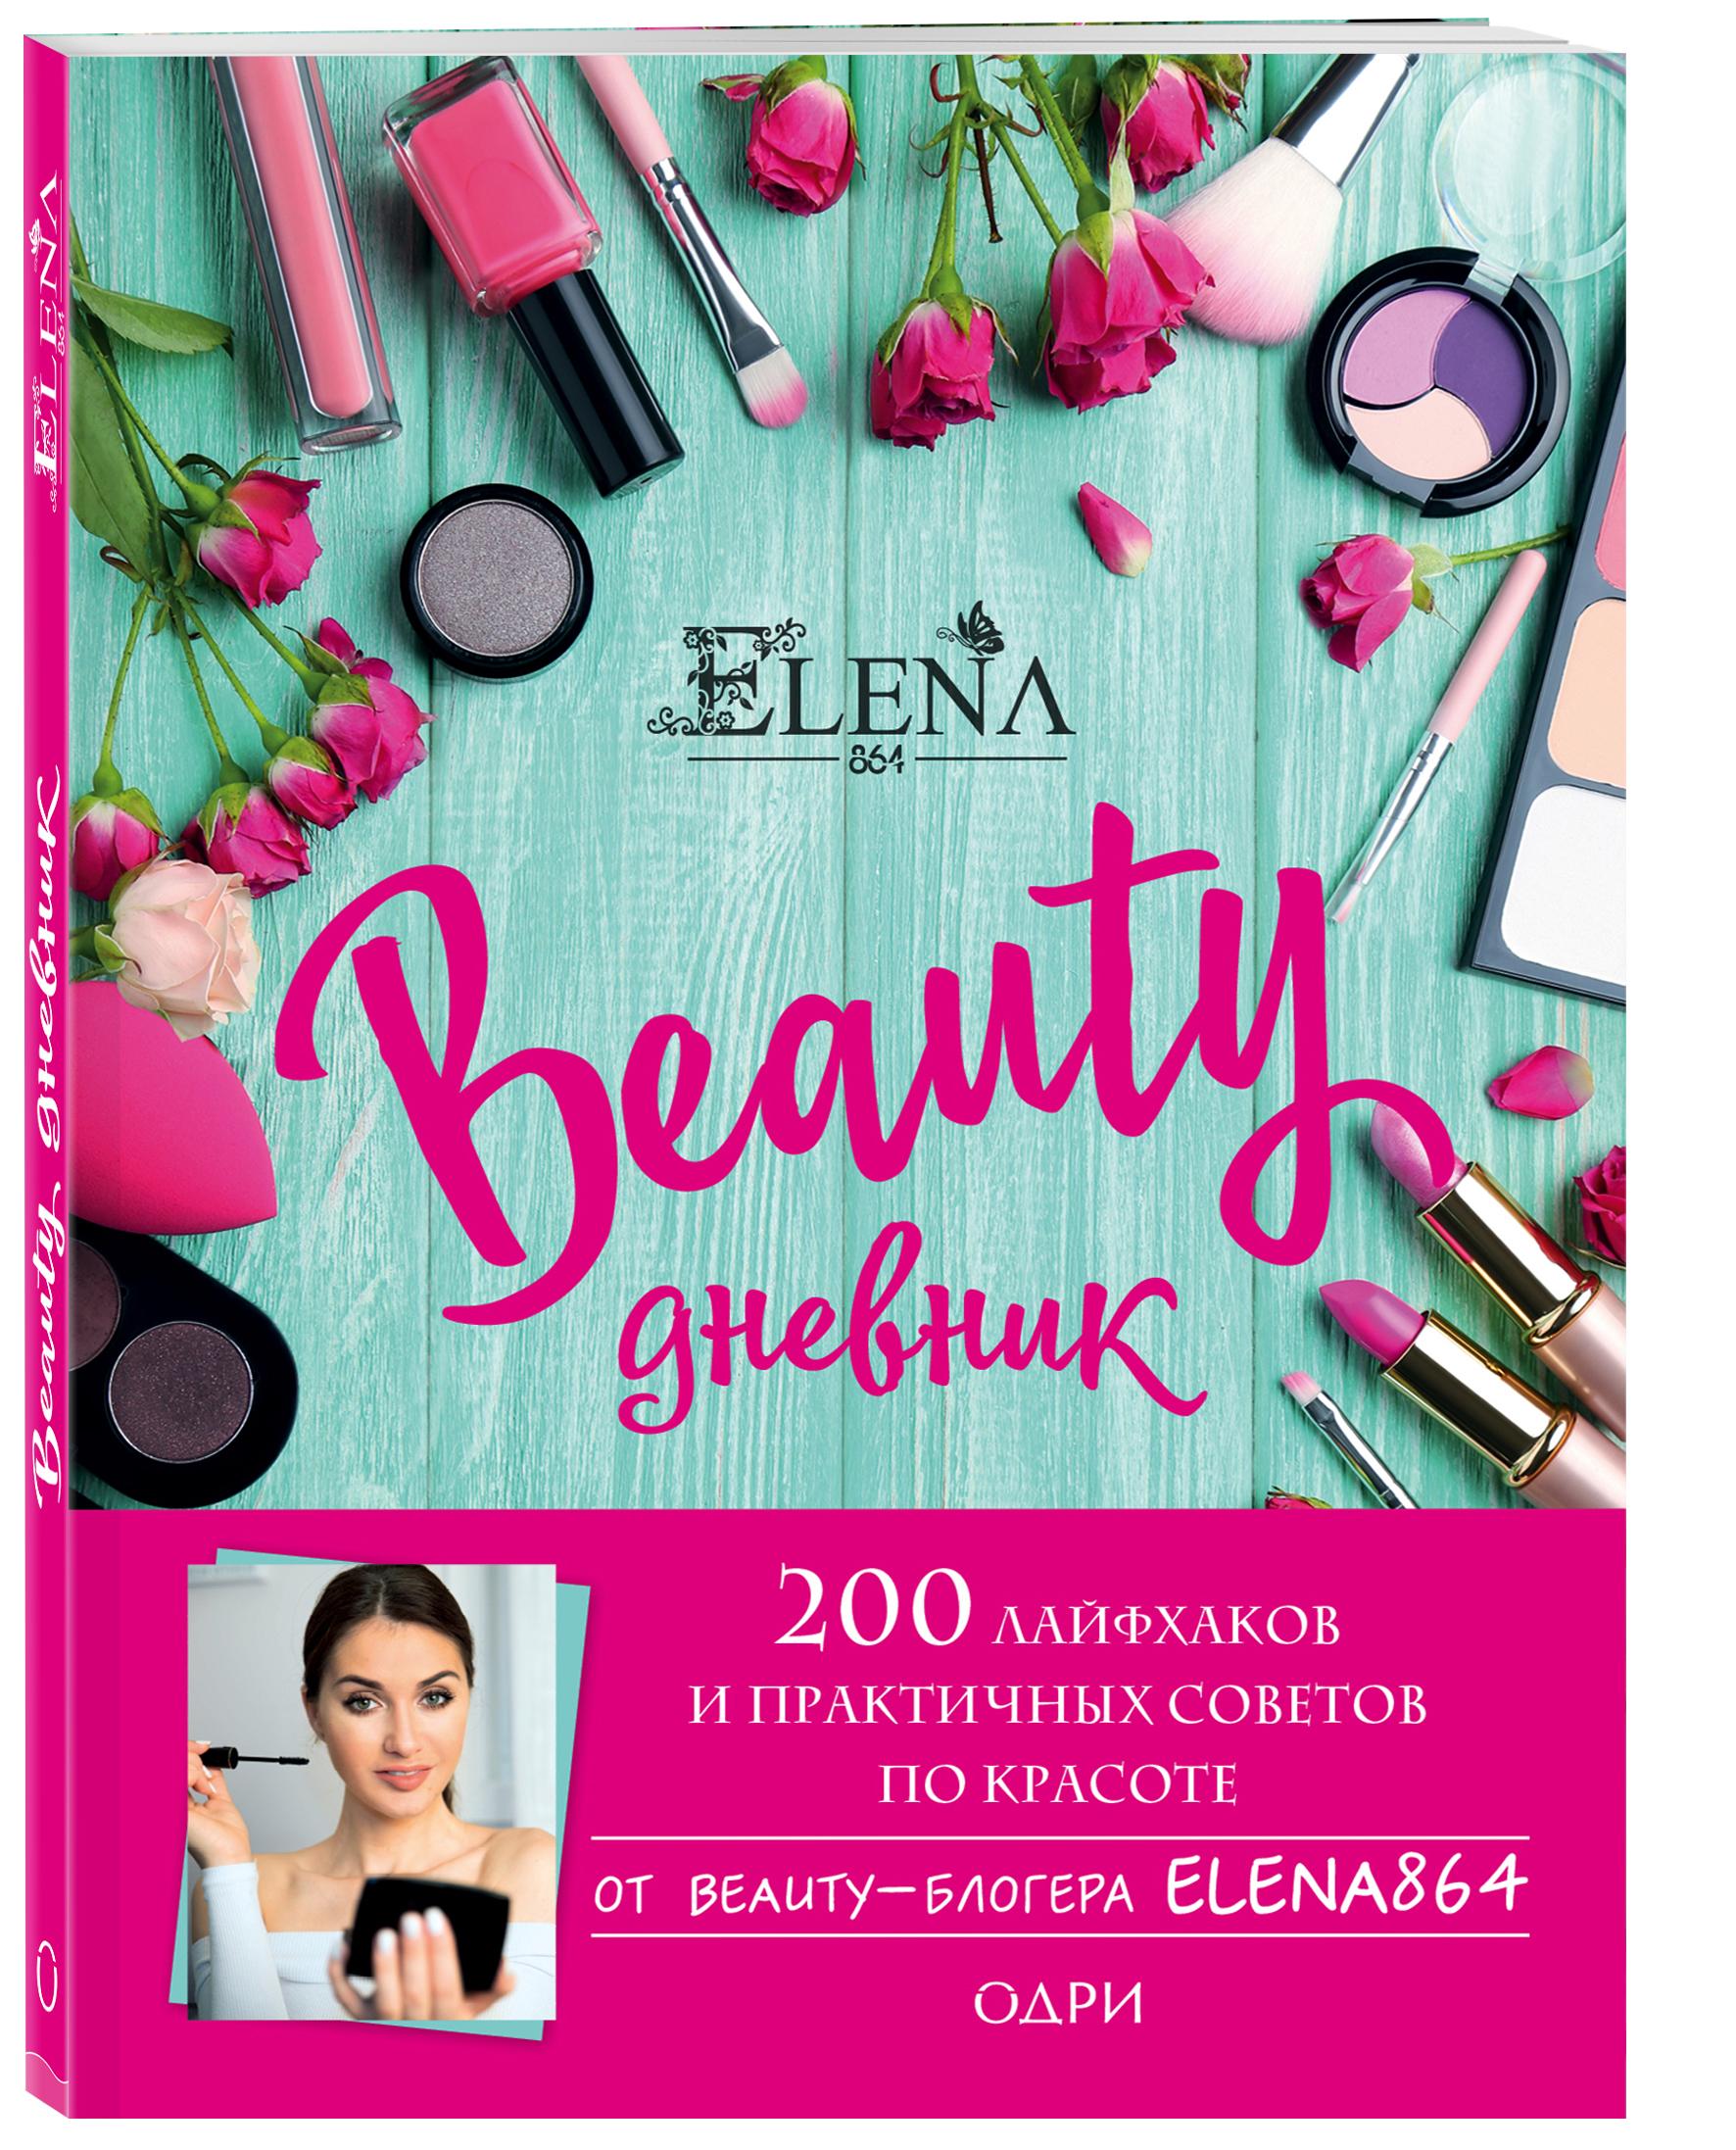 BEAUTY дневник от ELENA864. 200 лайфхаков и практичных советов по красоте зюкова к худ beauty дневник от elena864 isbn 9785699997374